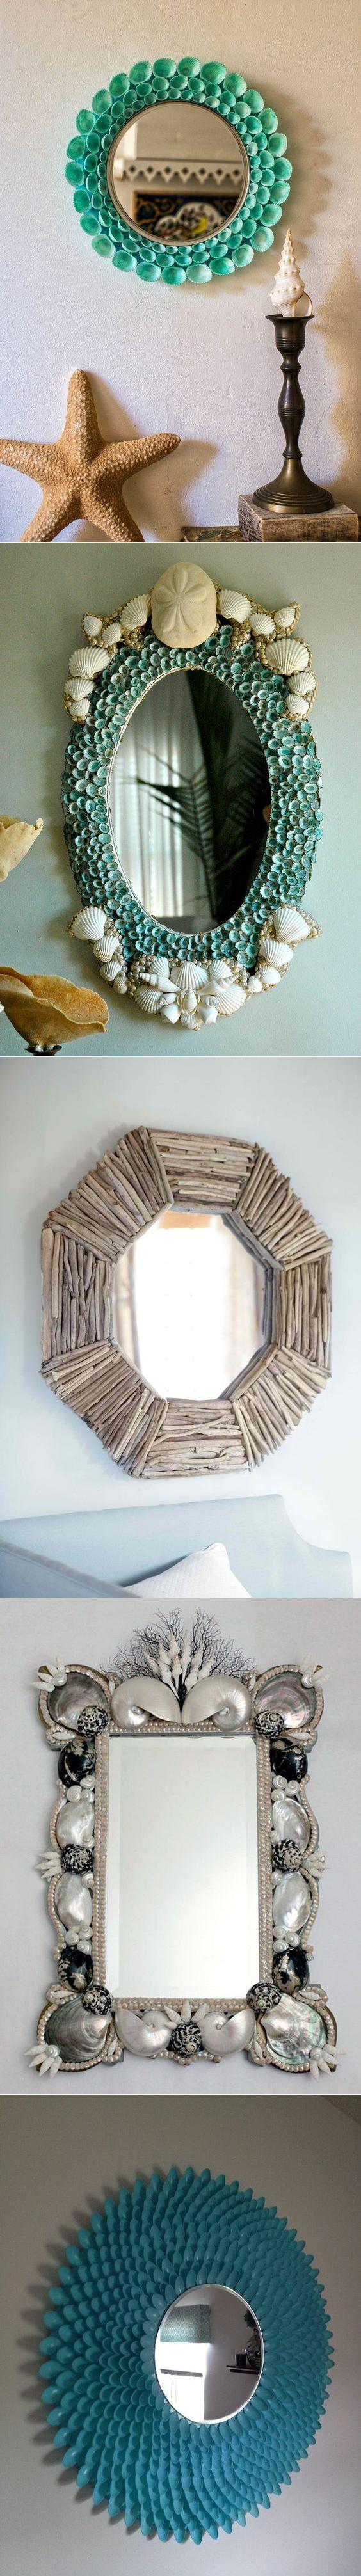 Как обновить старое зеркало. вдыхаем жизнь в старое зеркало